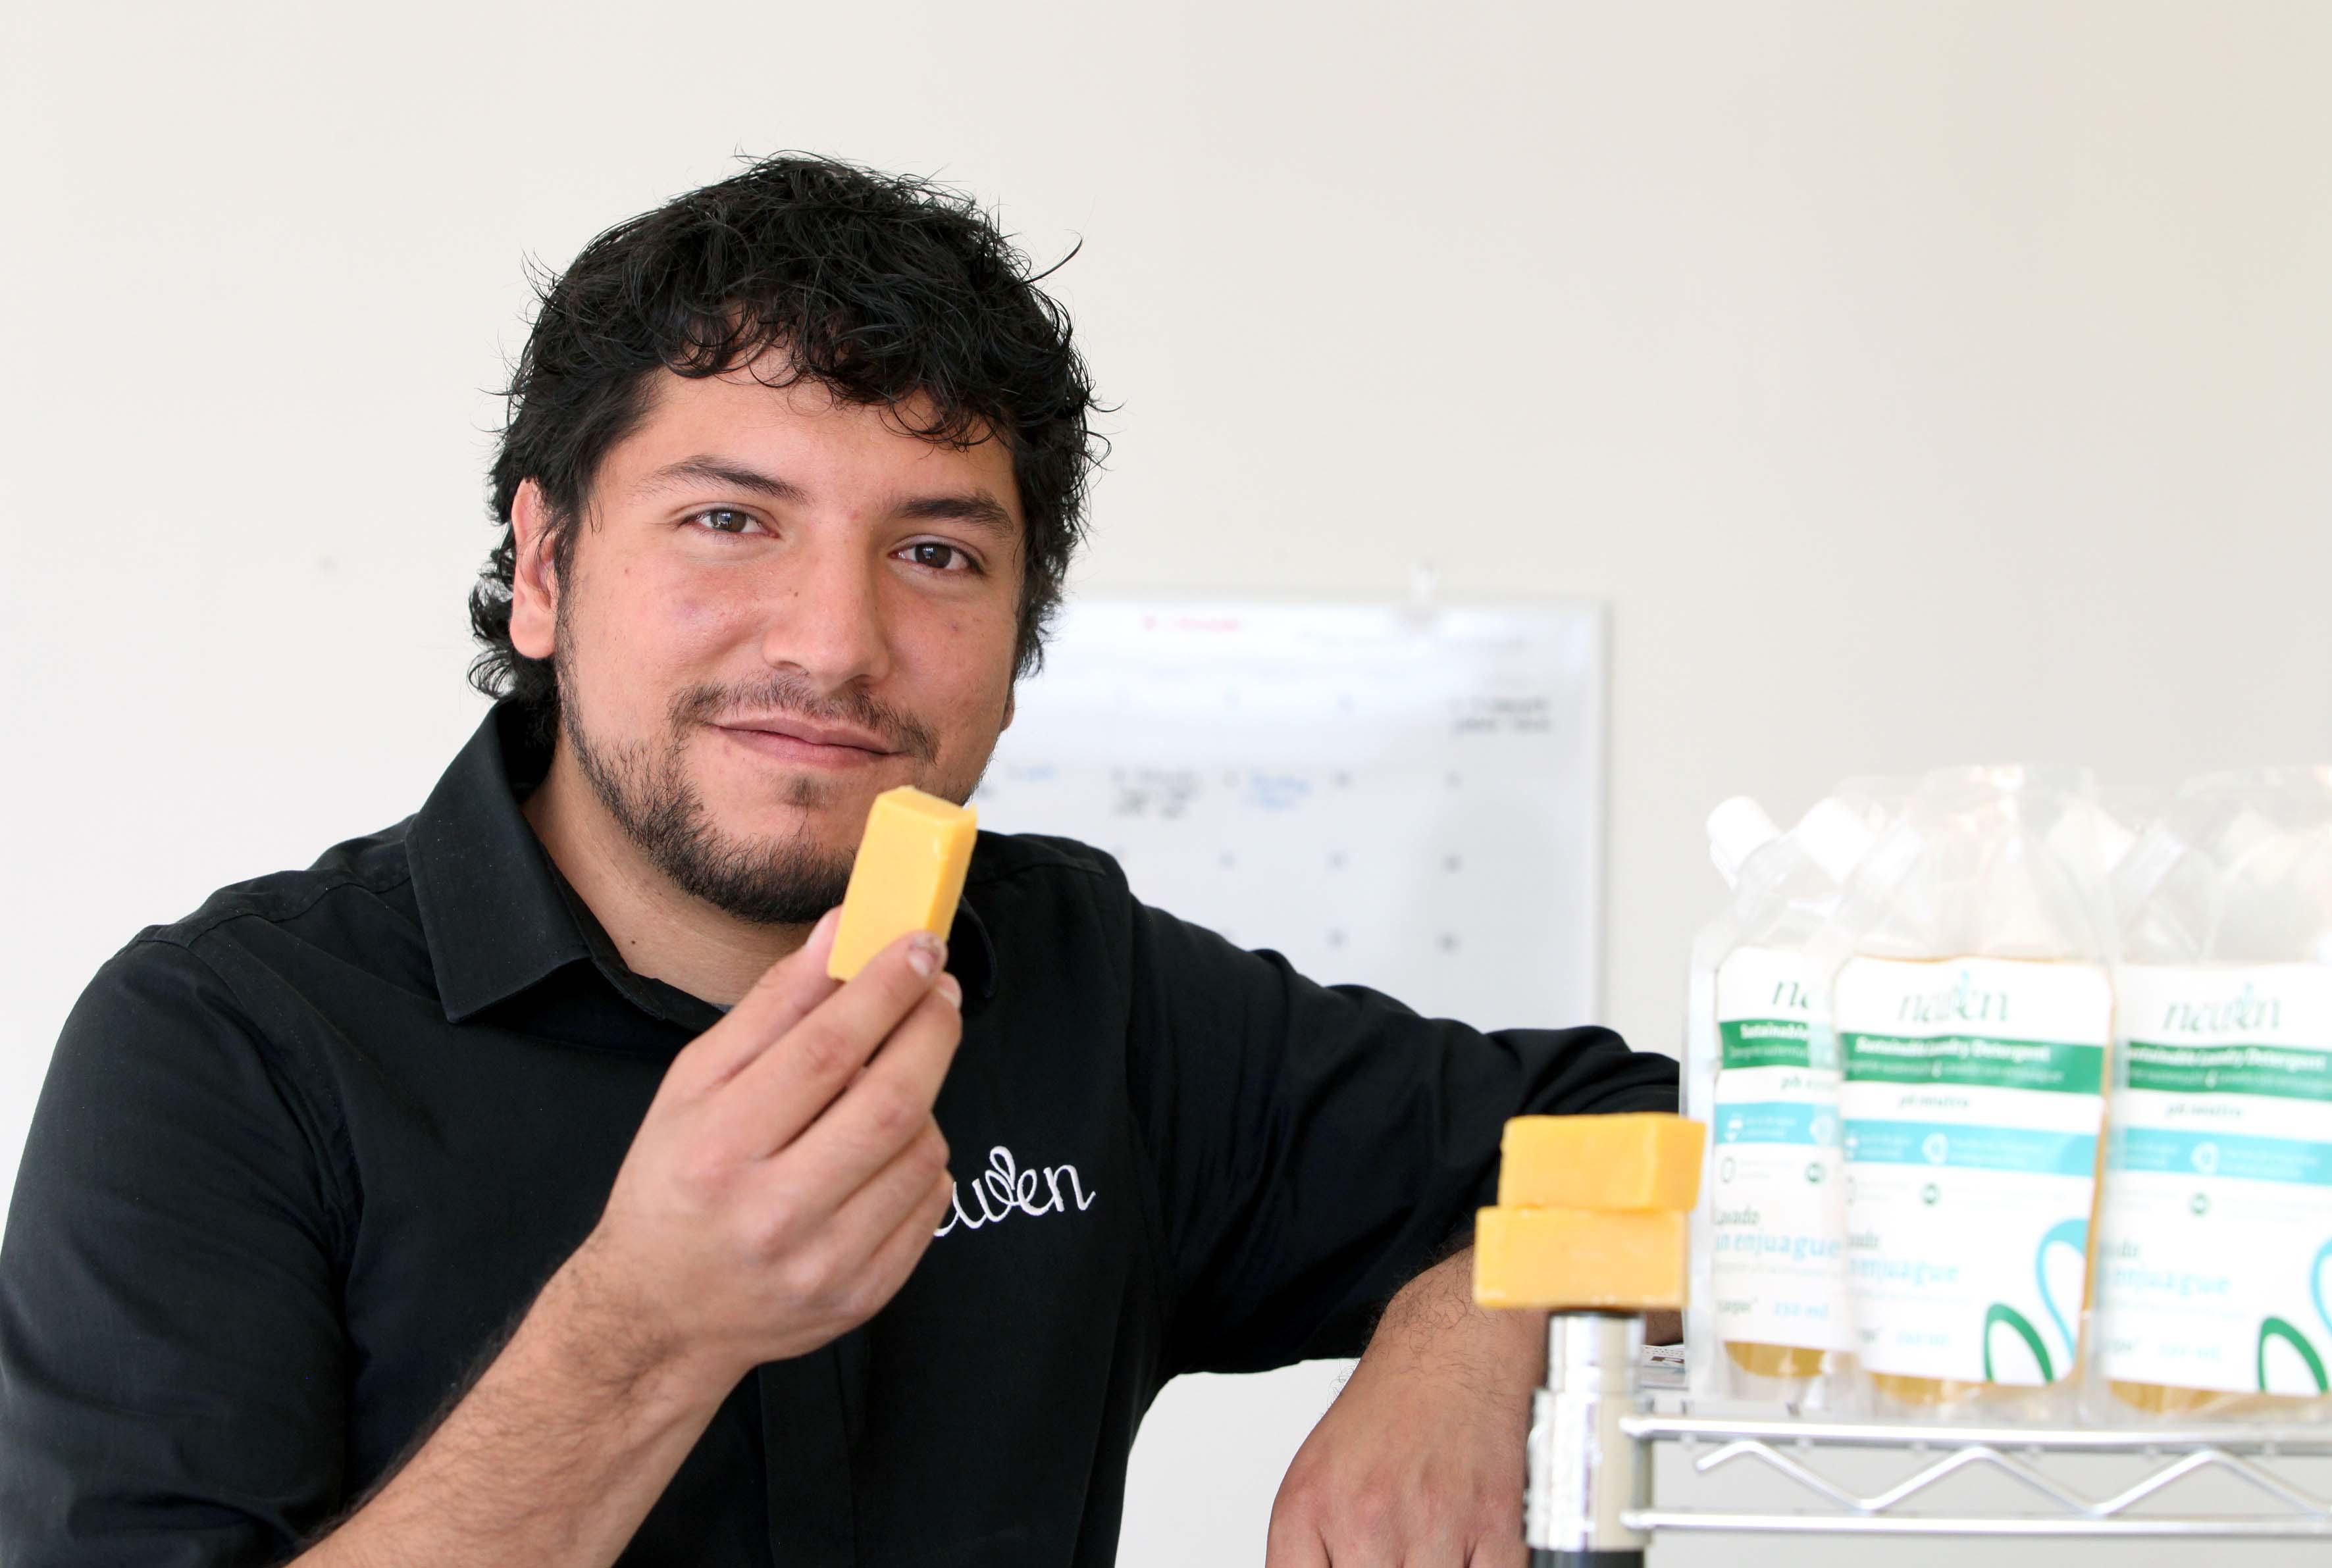 Ganador del premio emprendedor de México sosteniendo una barra de Newen